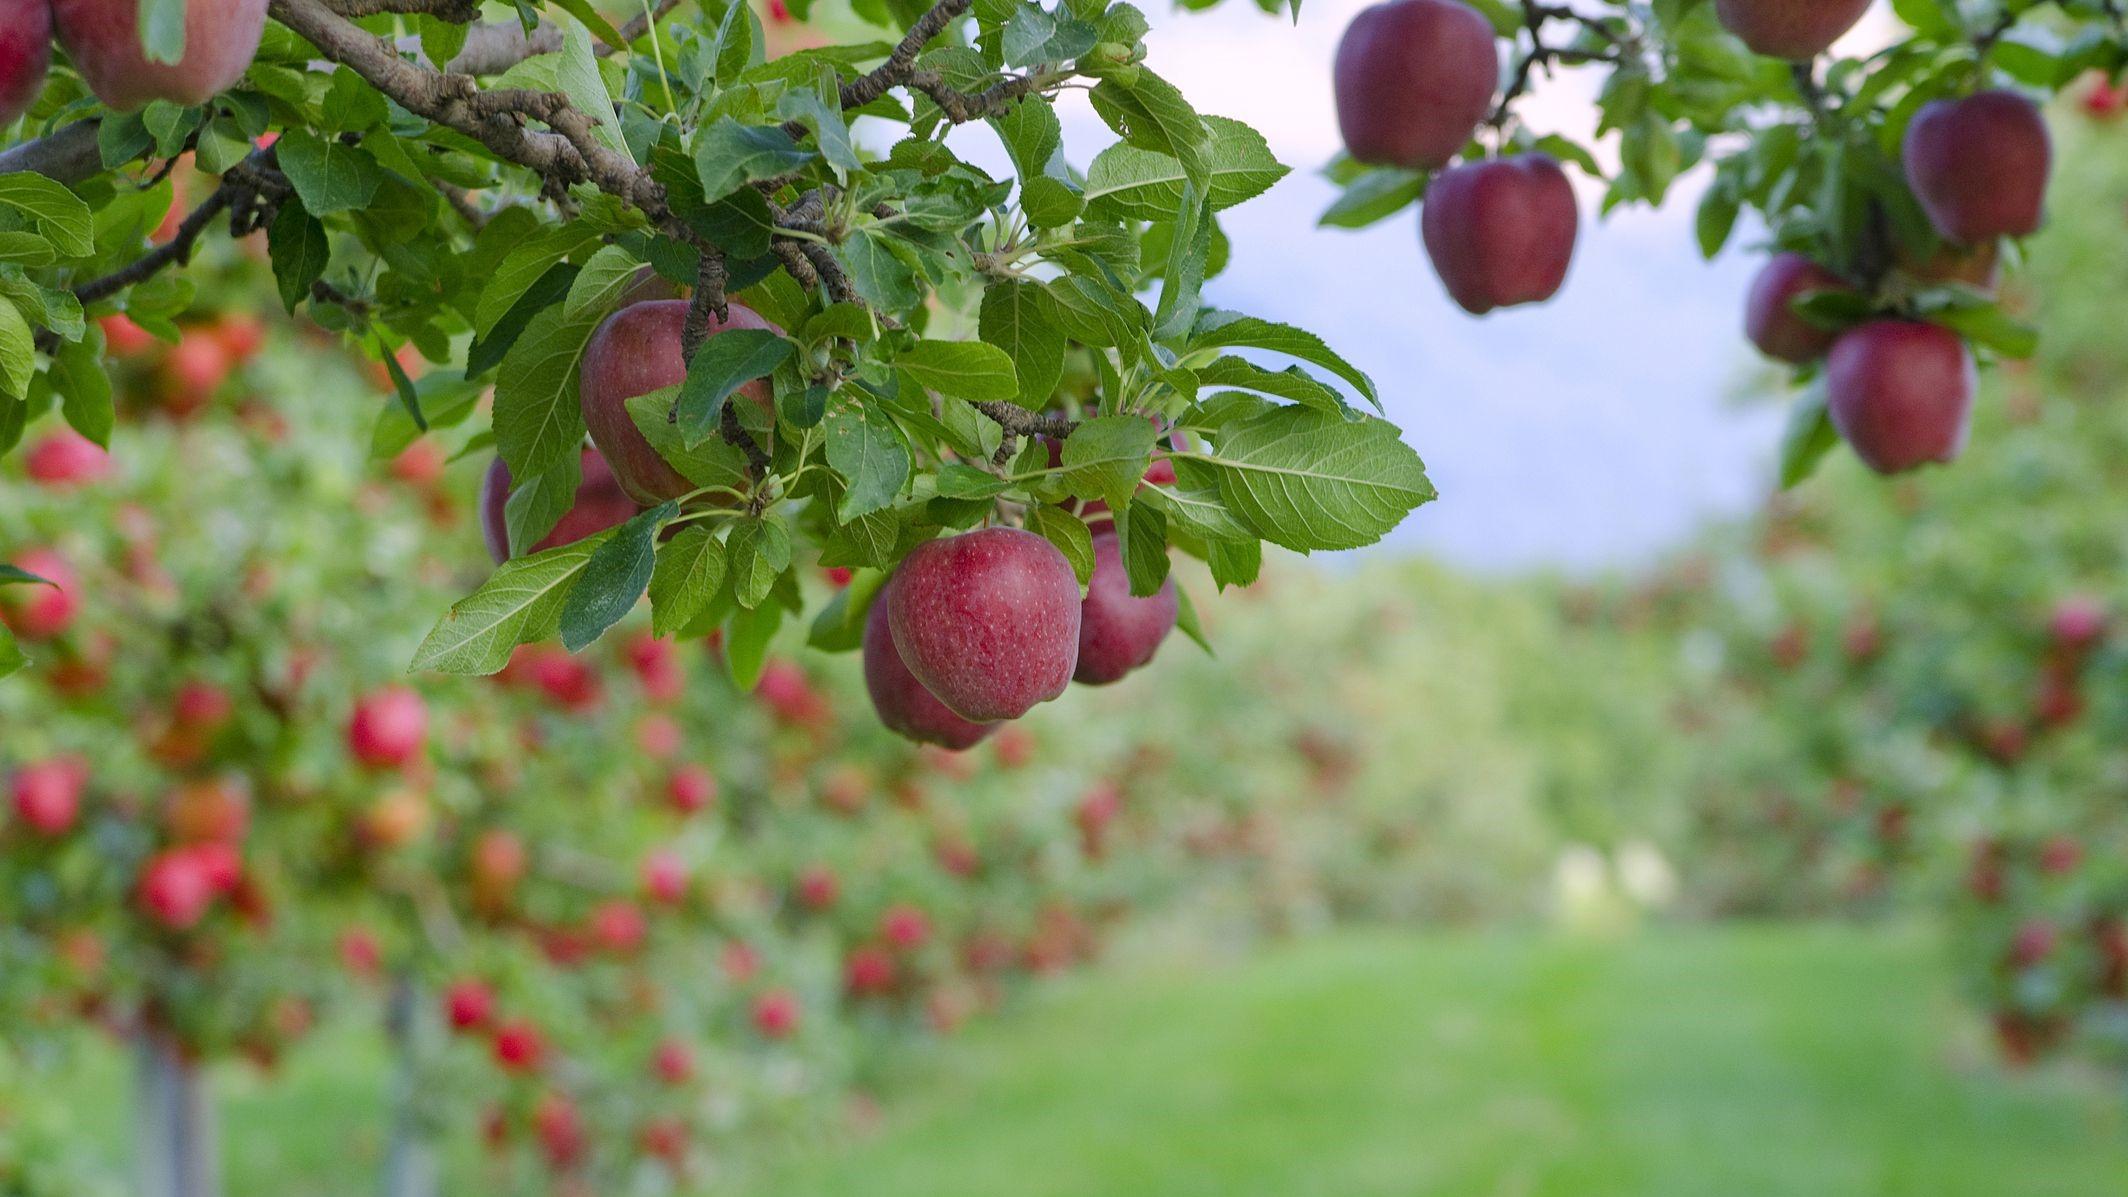 تولید ۳ میلیون و ۲۰۰ تا ۴۰۰ هزار تن سیب در سال جاری